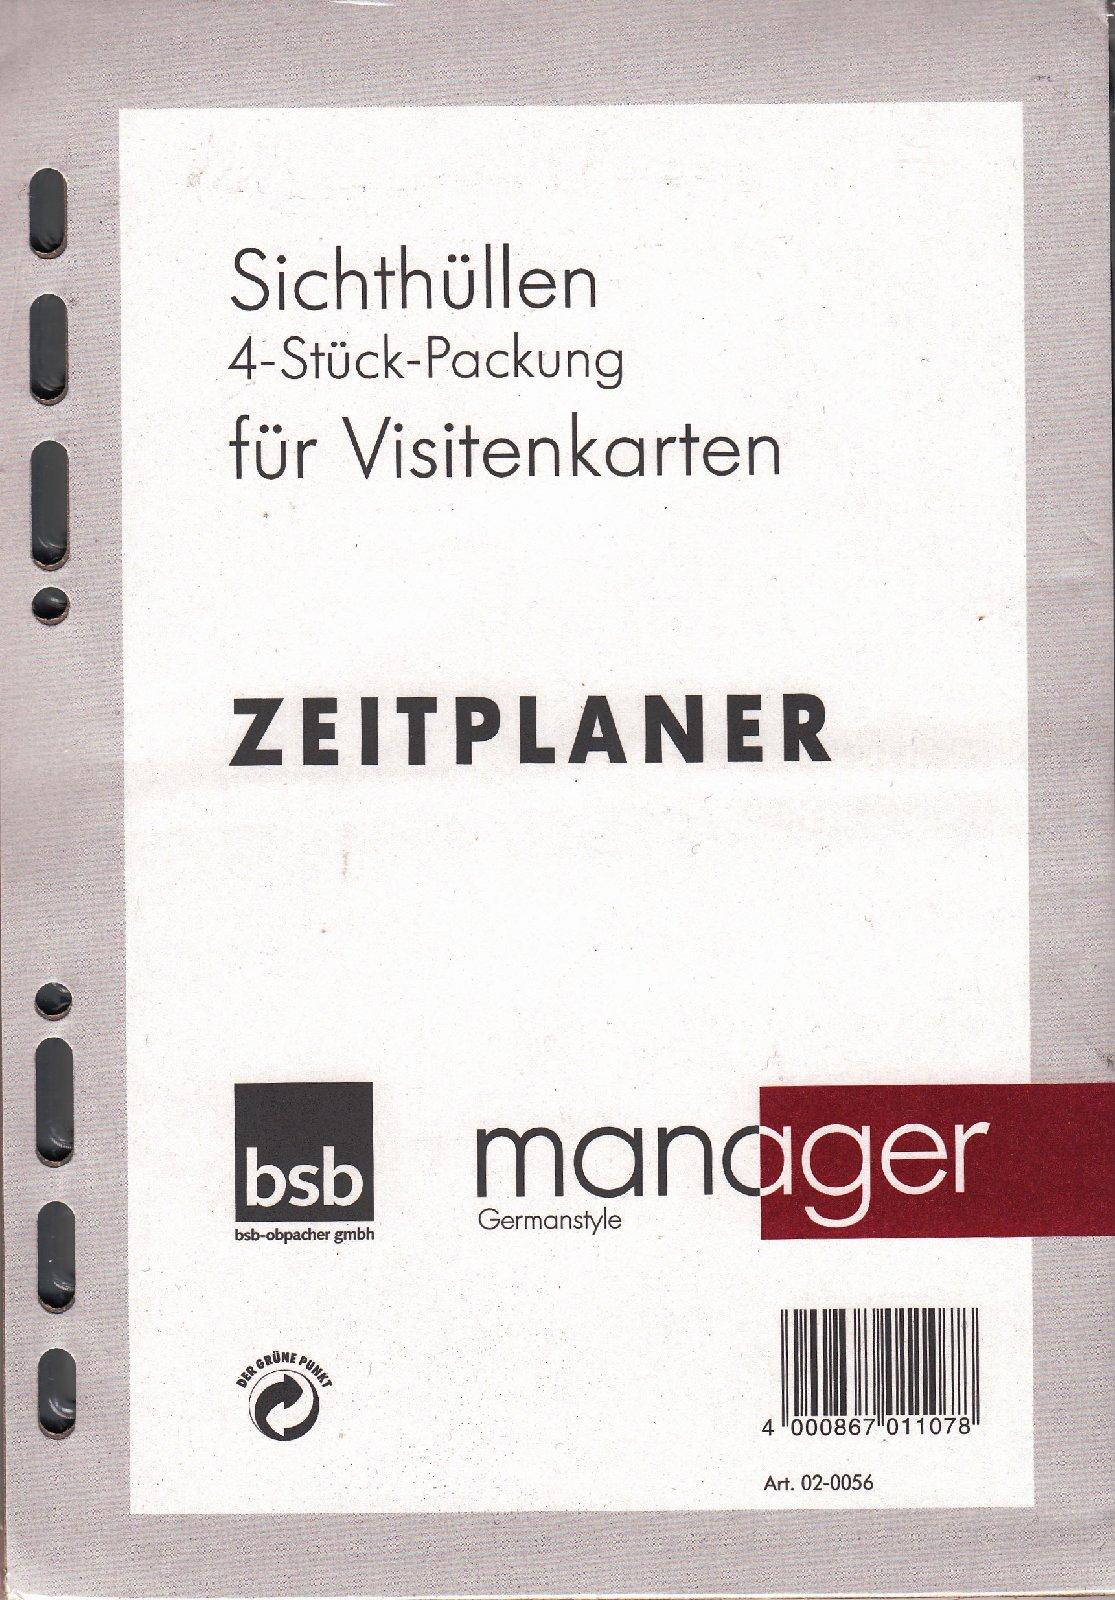 Organiser De Bsb Manager A5 Organizer Einlage 4 Stück